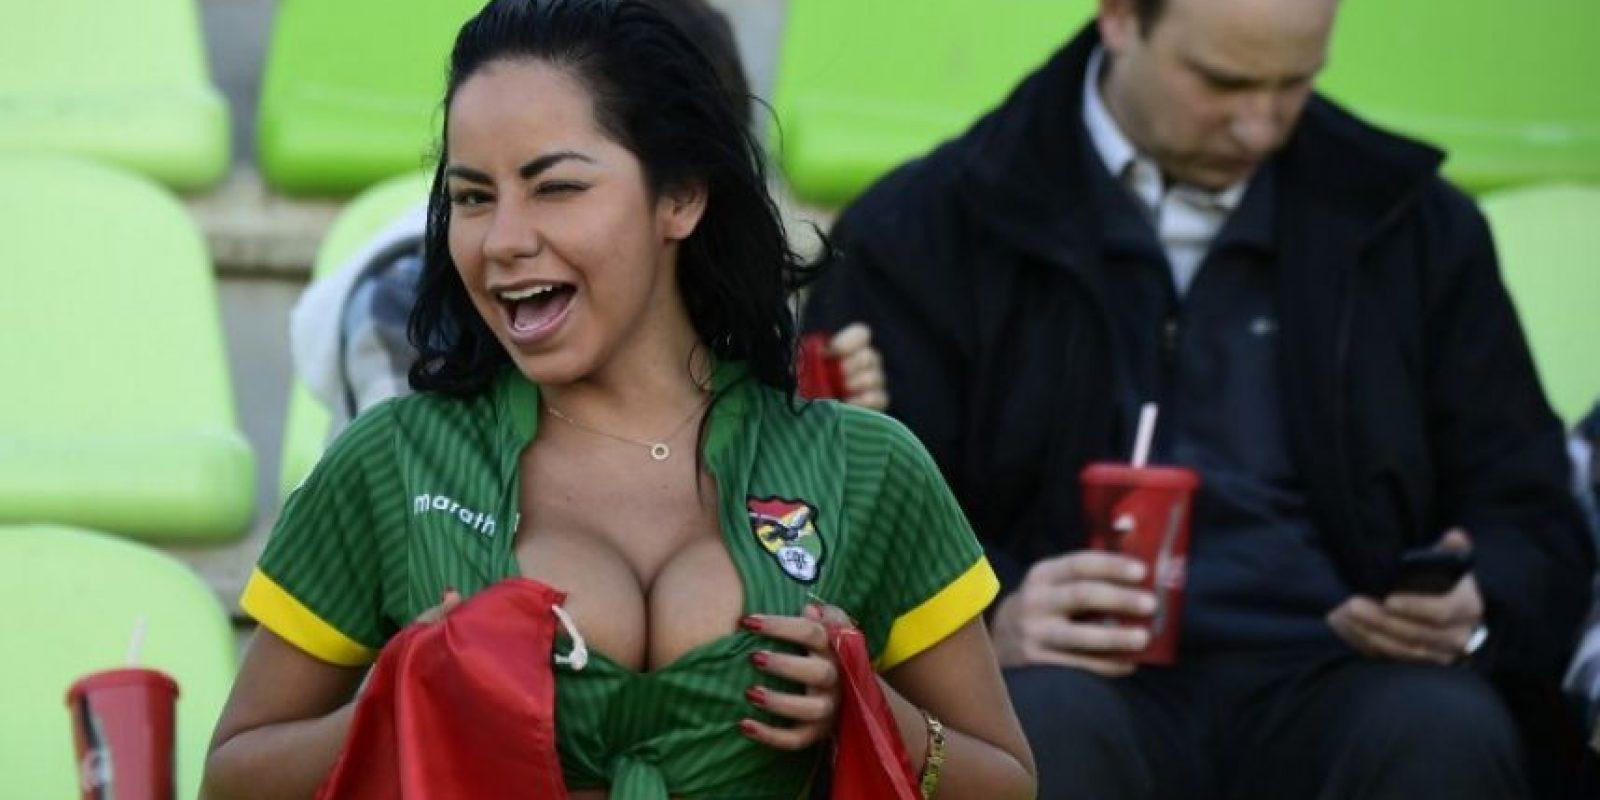 La chica boliviana que ha robado suspiros en las tribunas Foto:AFP